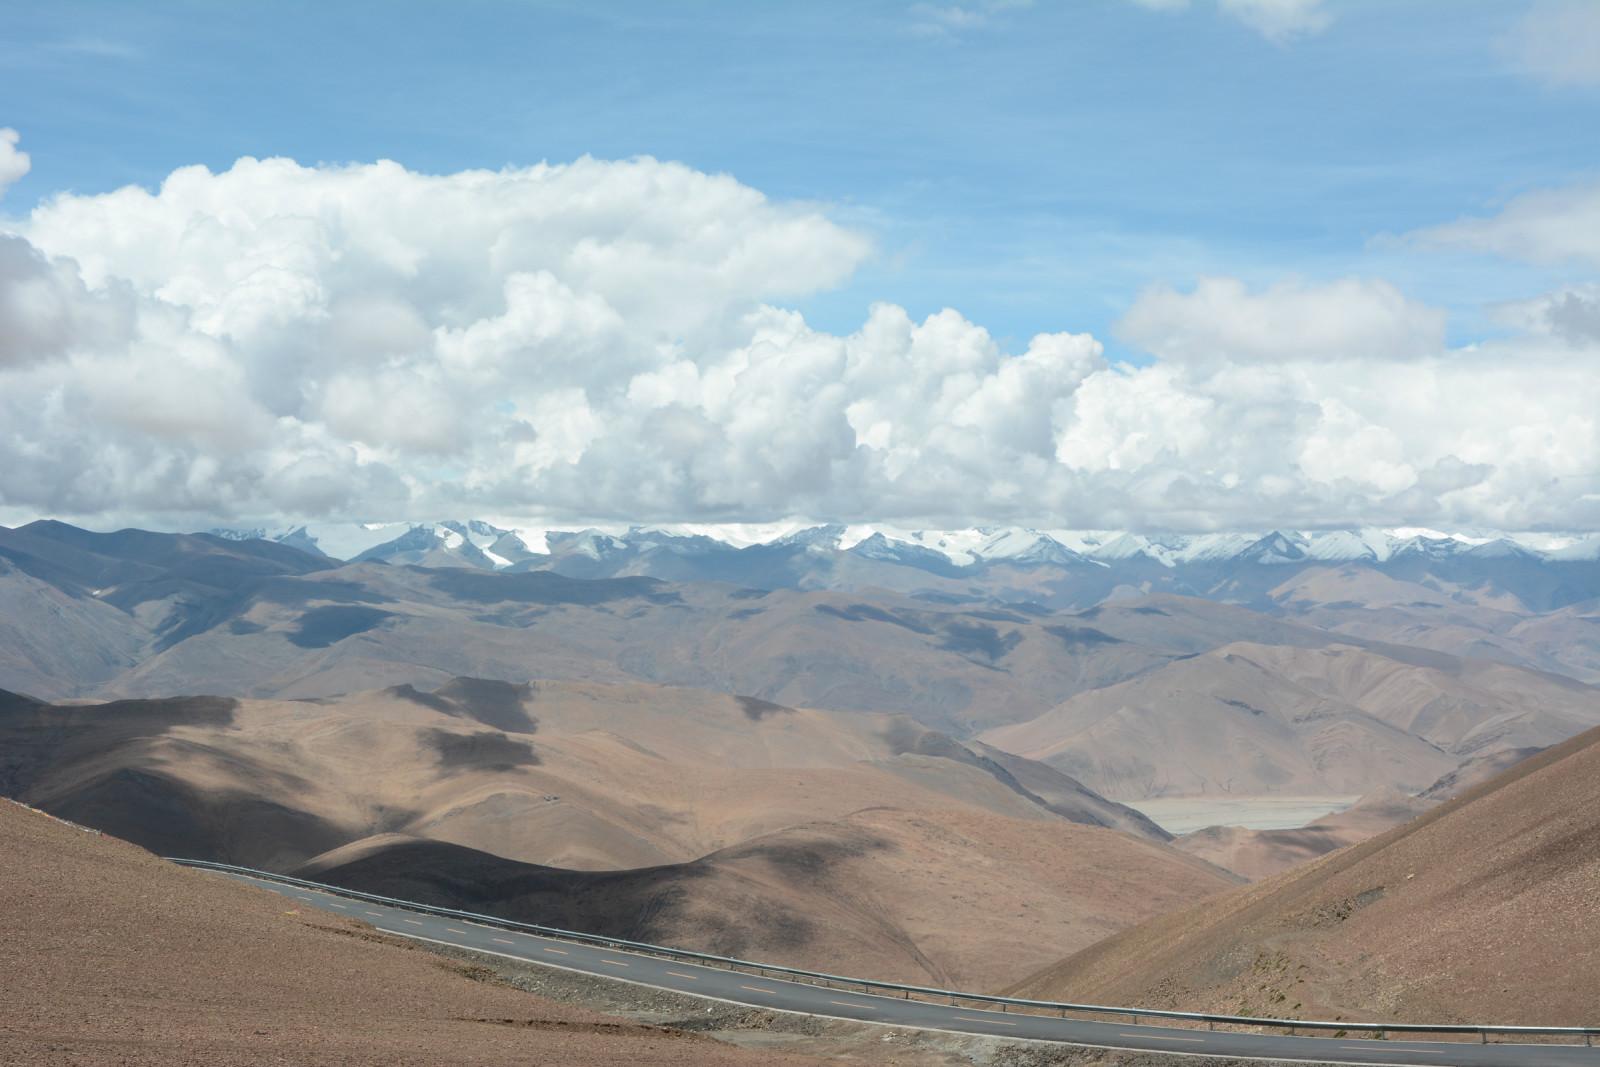 骑自行车到西藏的,接下来他还打算骑到新疆去,而且还是计划走无人区.